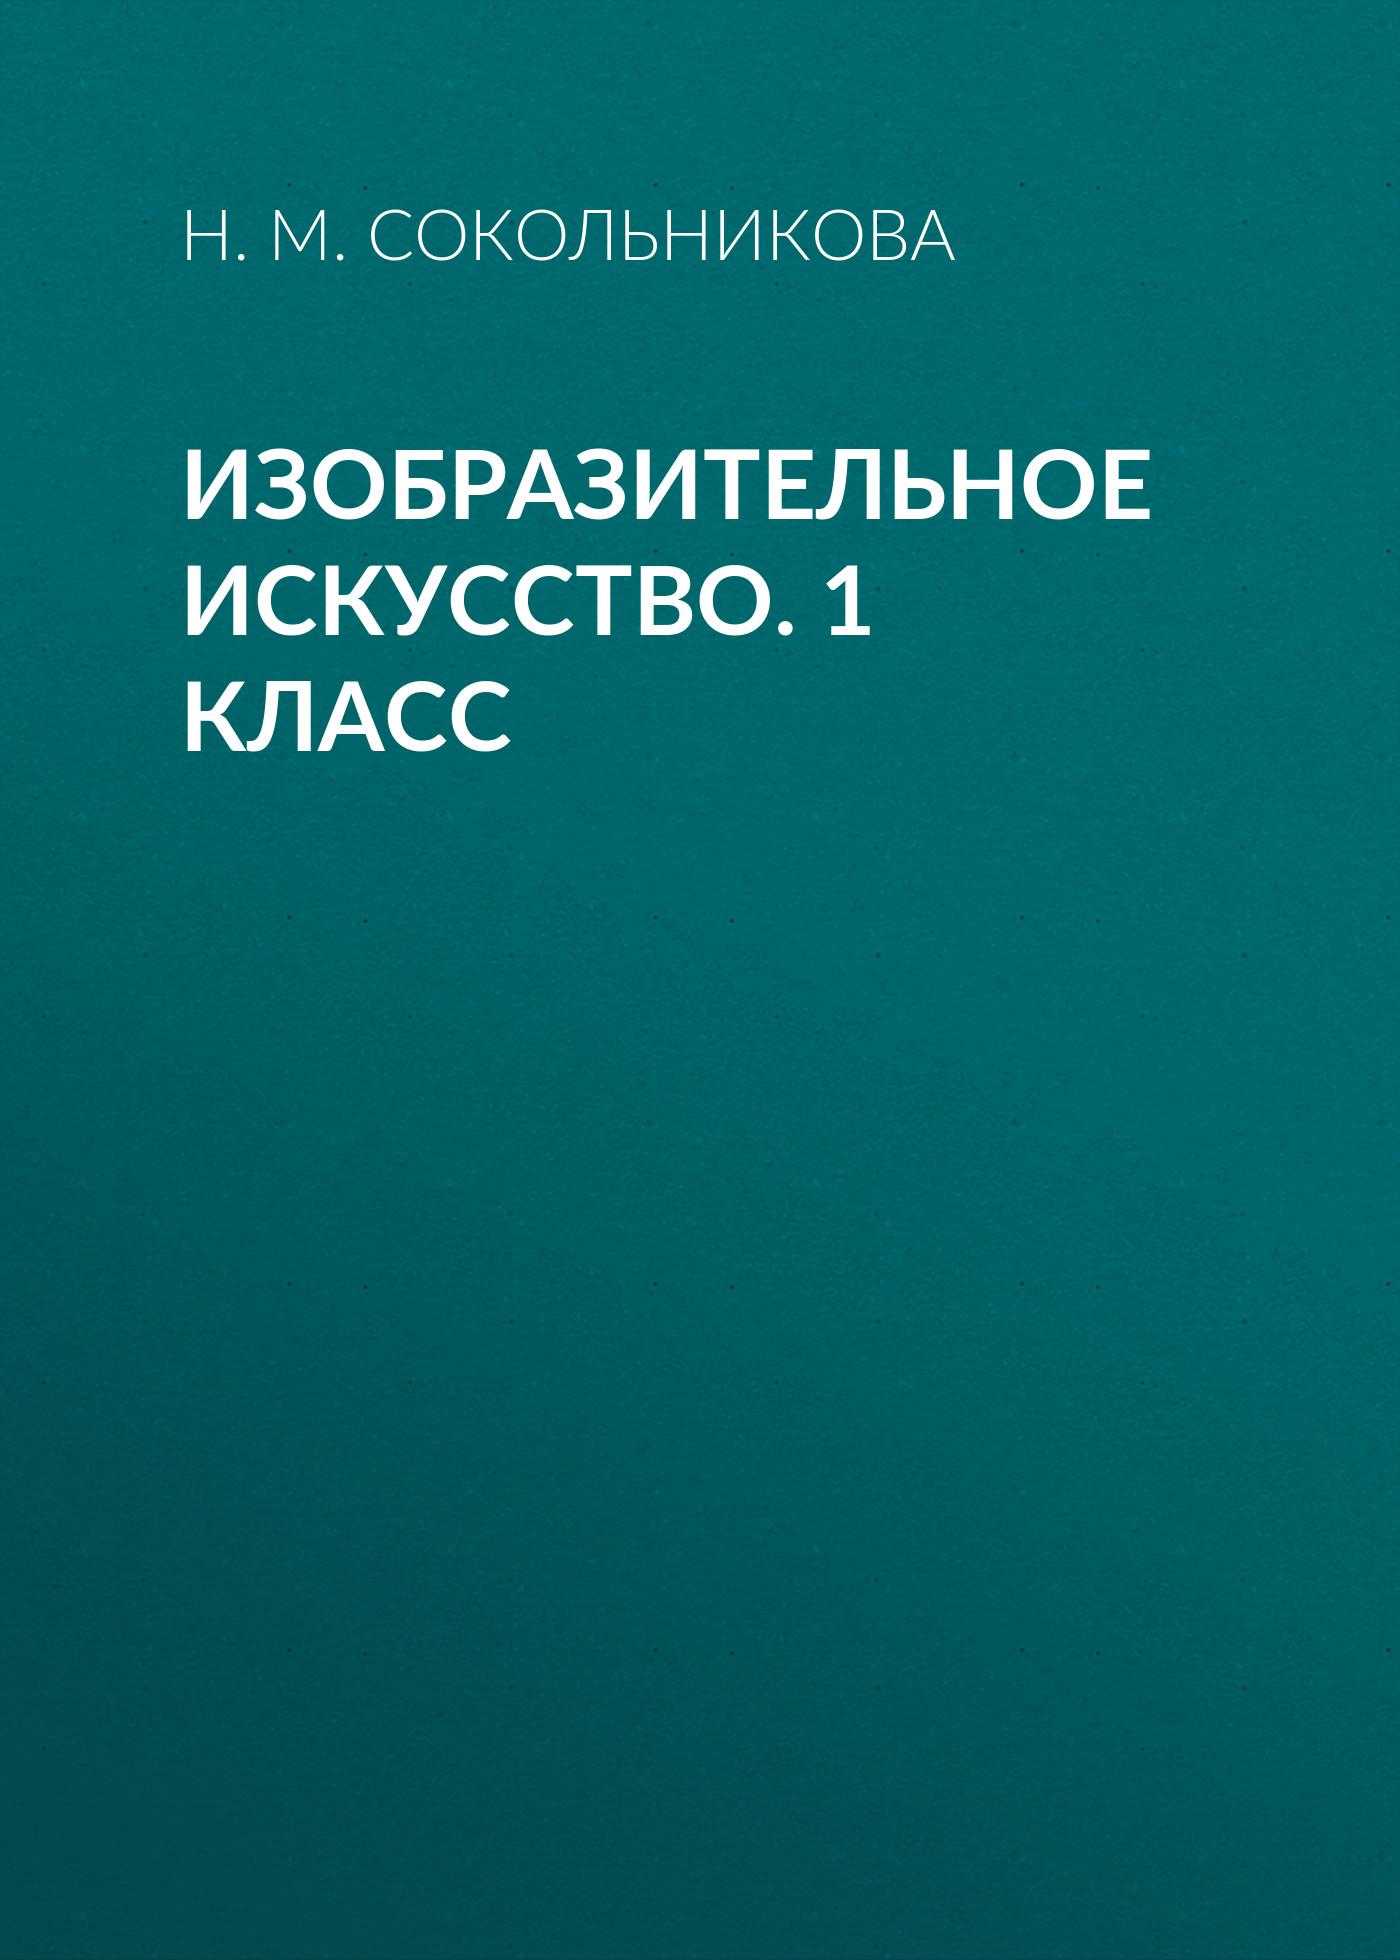 Н. М. Сокольникова Изобразительное искусство. 1 класс виталий новиков тёмное вино